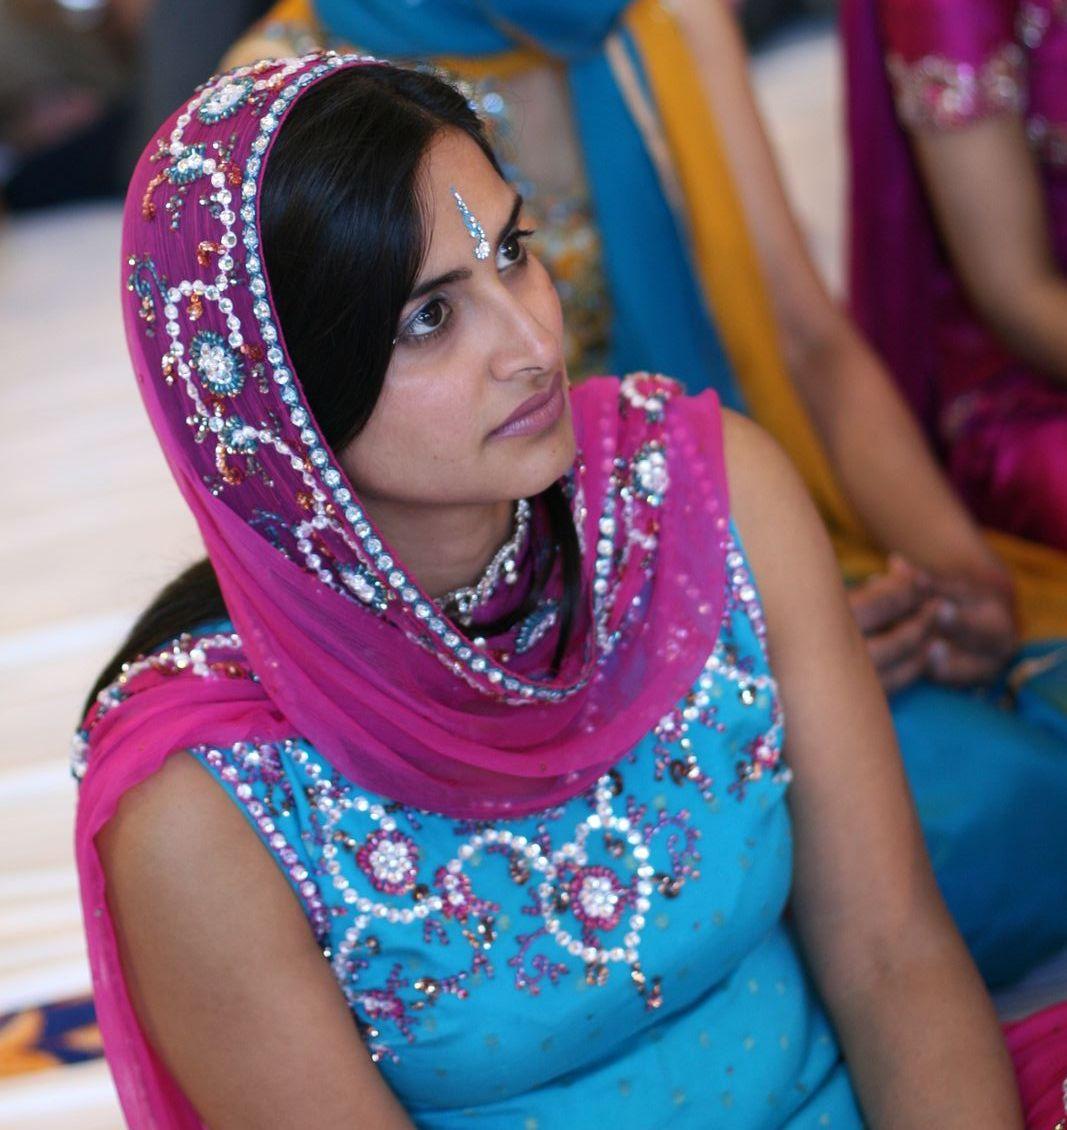 Young Desi Teen Girls Gallery 2 - Beautiful Indian Desi Girls-7724